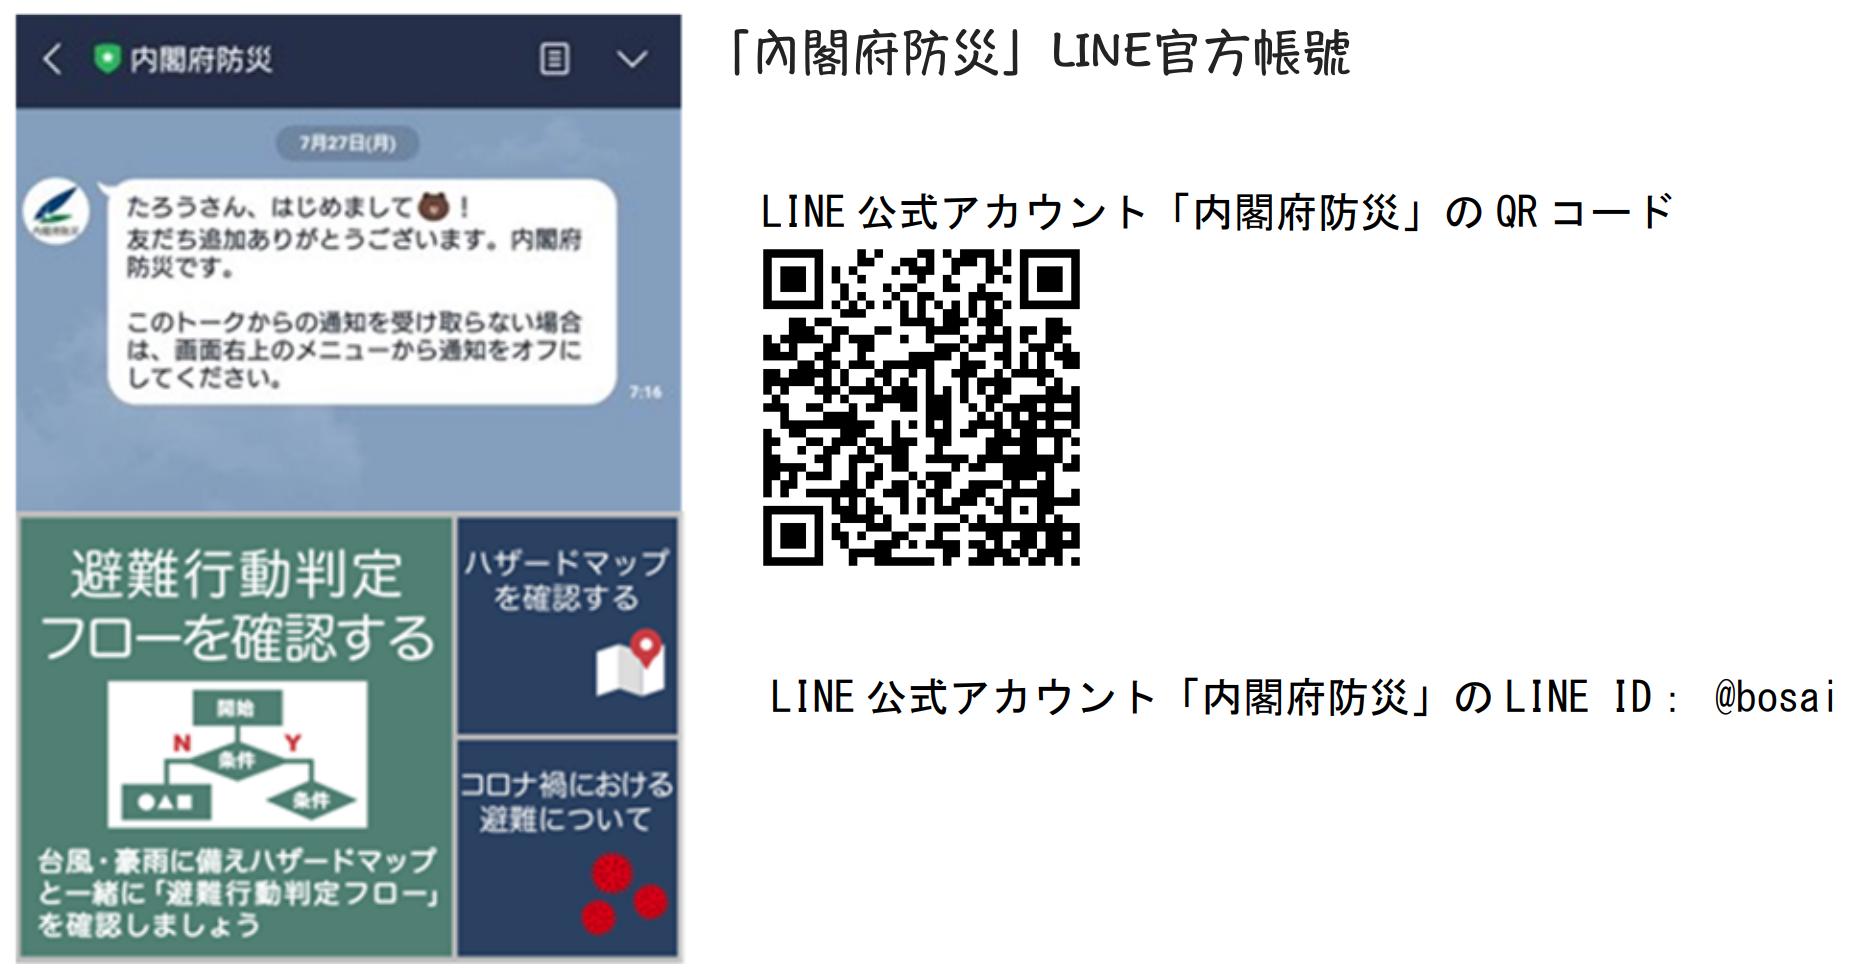 内閣府防災LINE